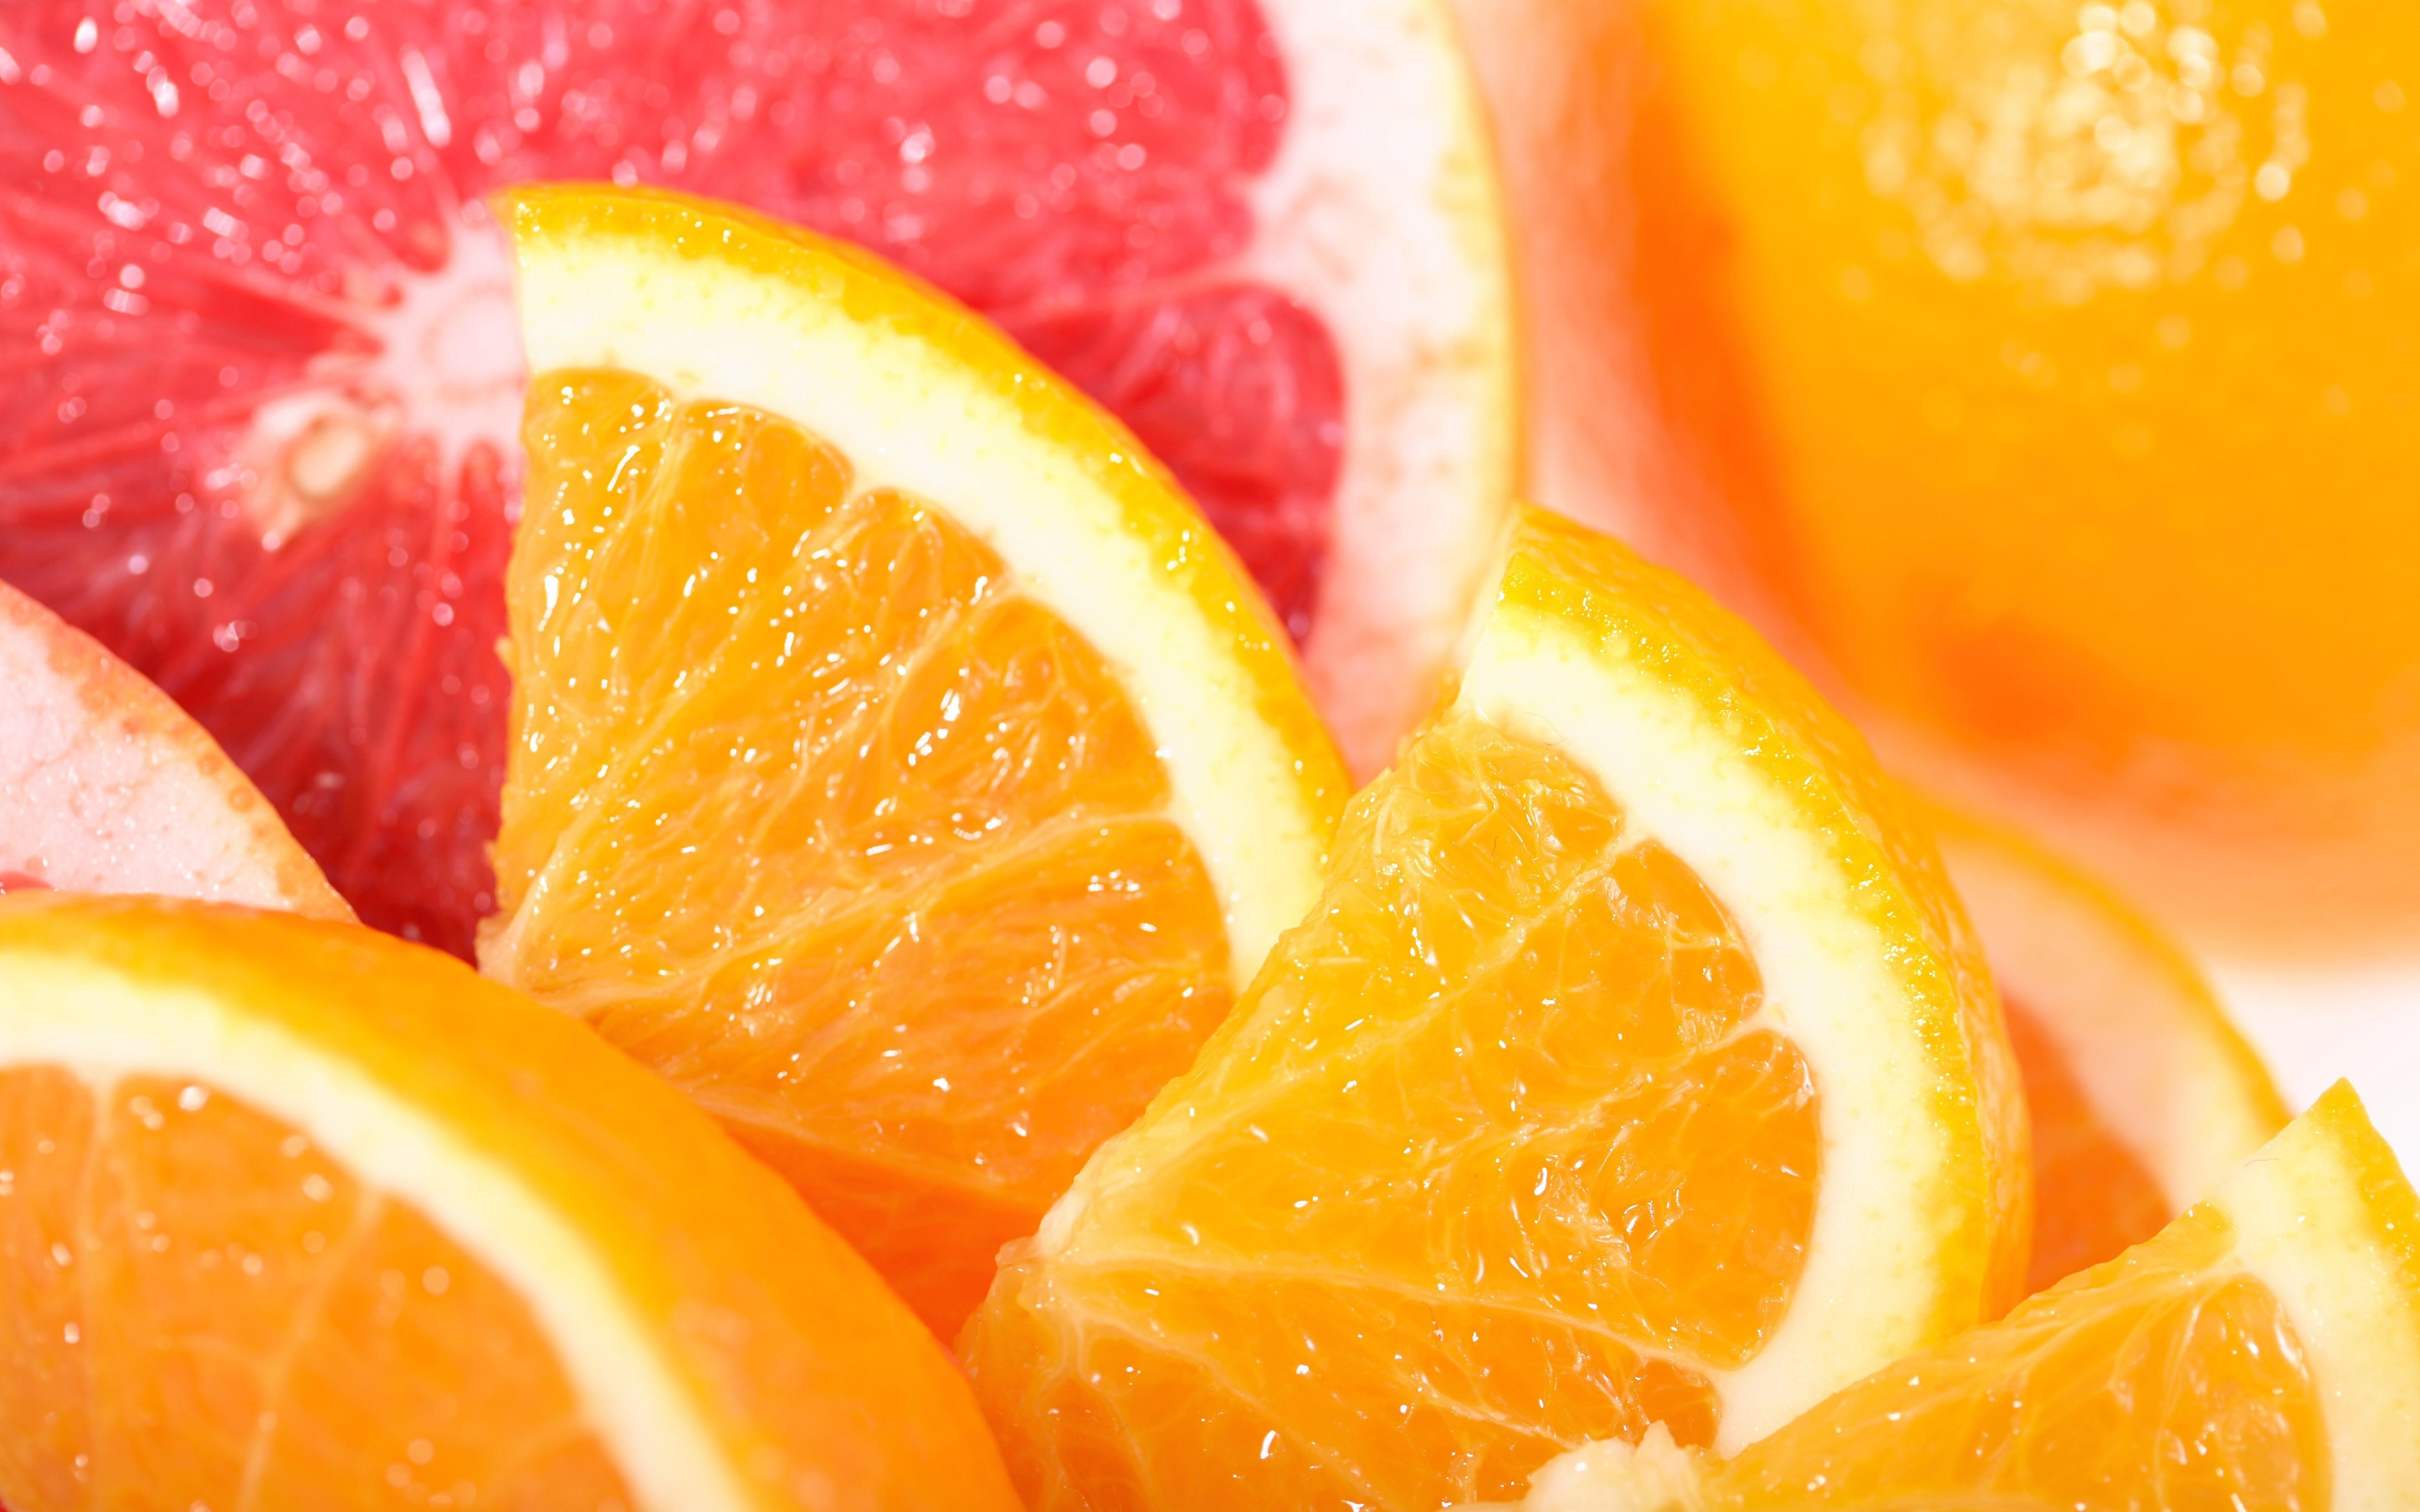 Frutas de naranjas - 4368x2730